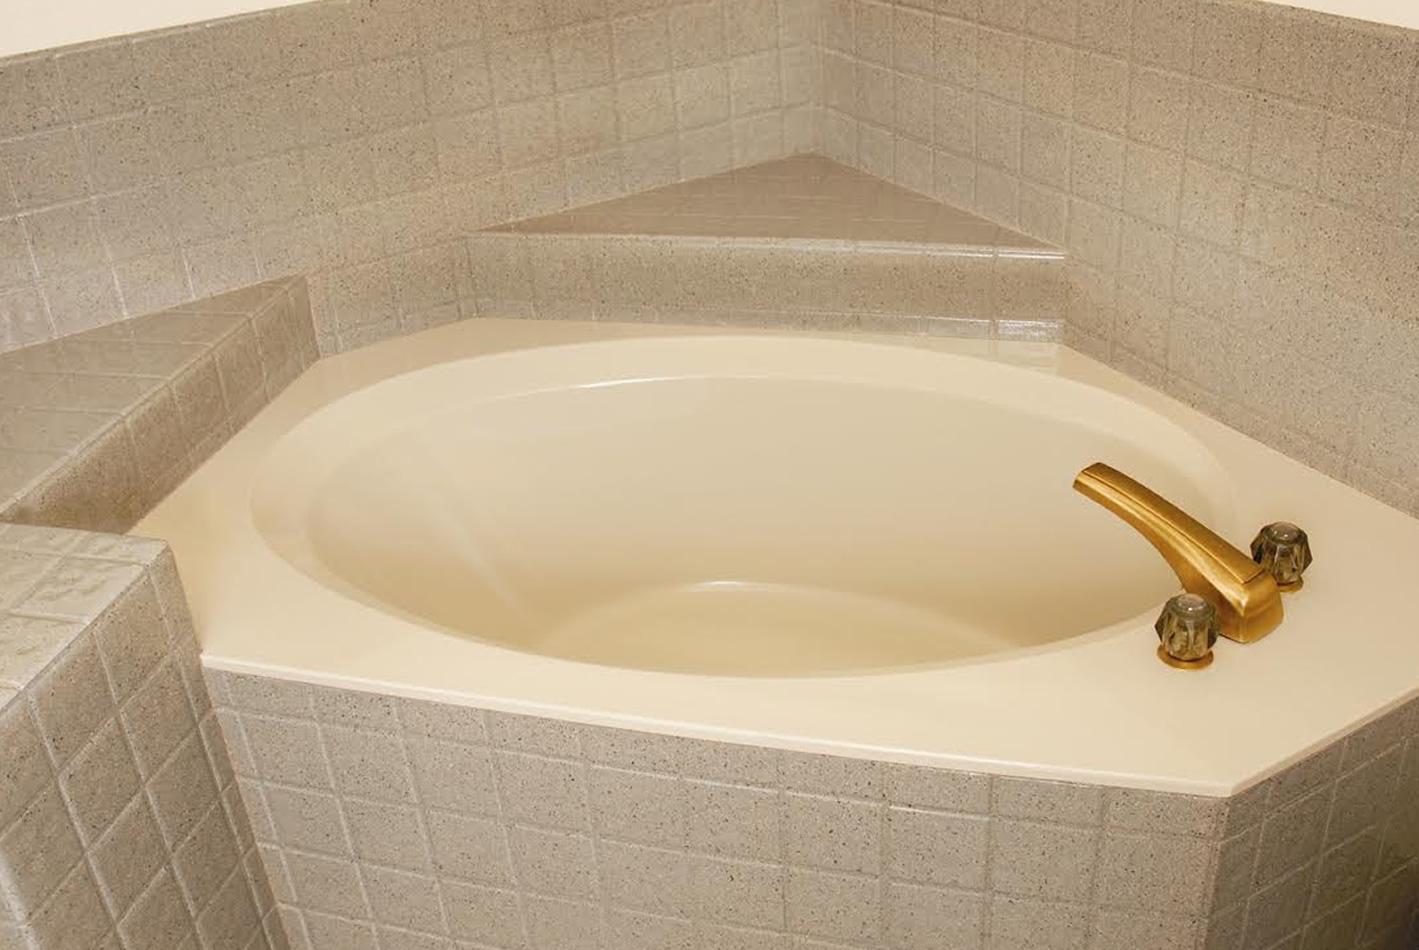 Bathtub Reglazing | Perma-Glaze